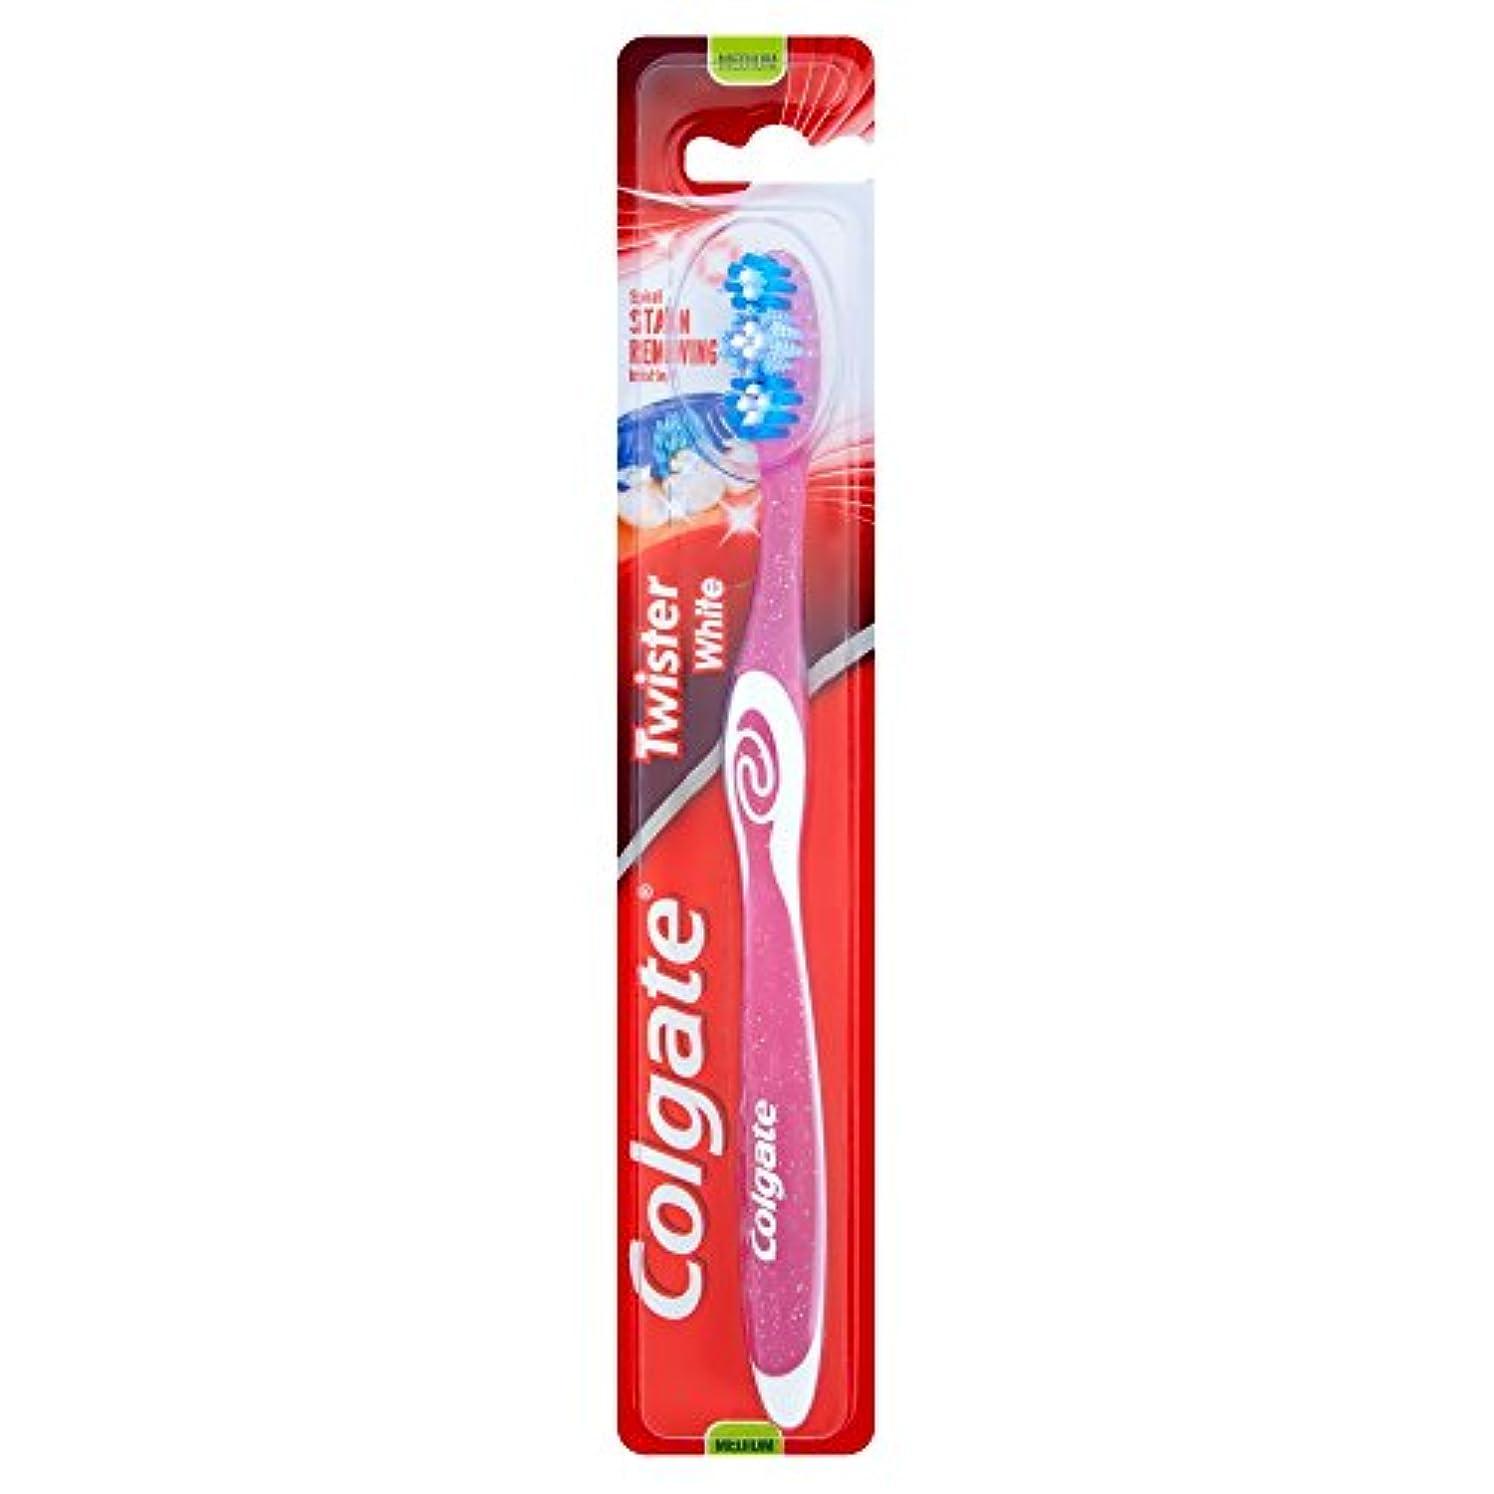 興奮するラダガウン[Colgate ] コルゲートツイスター白い手用歯ブラシ - Colgate Twister White Manual Toothbrush [並行輸入品]